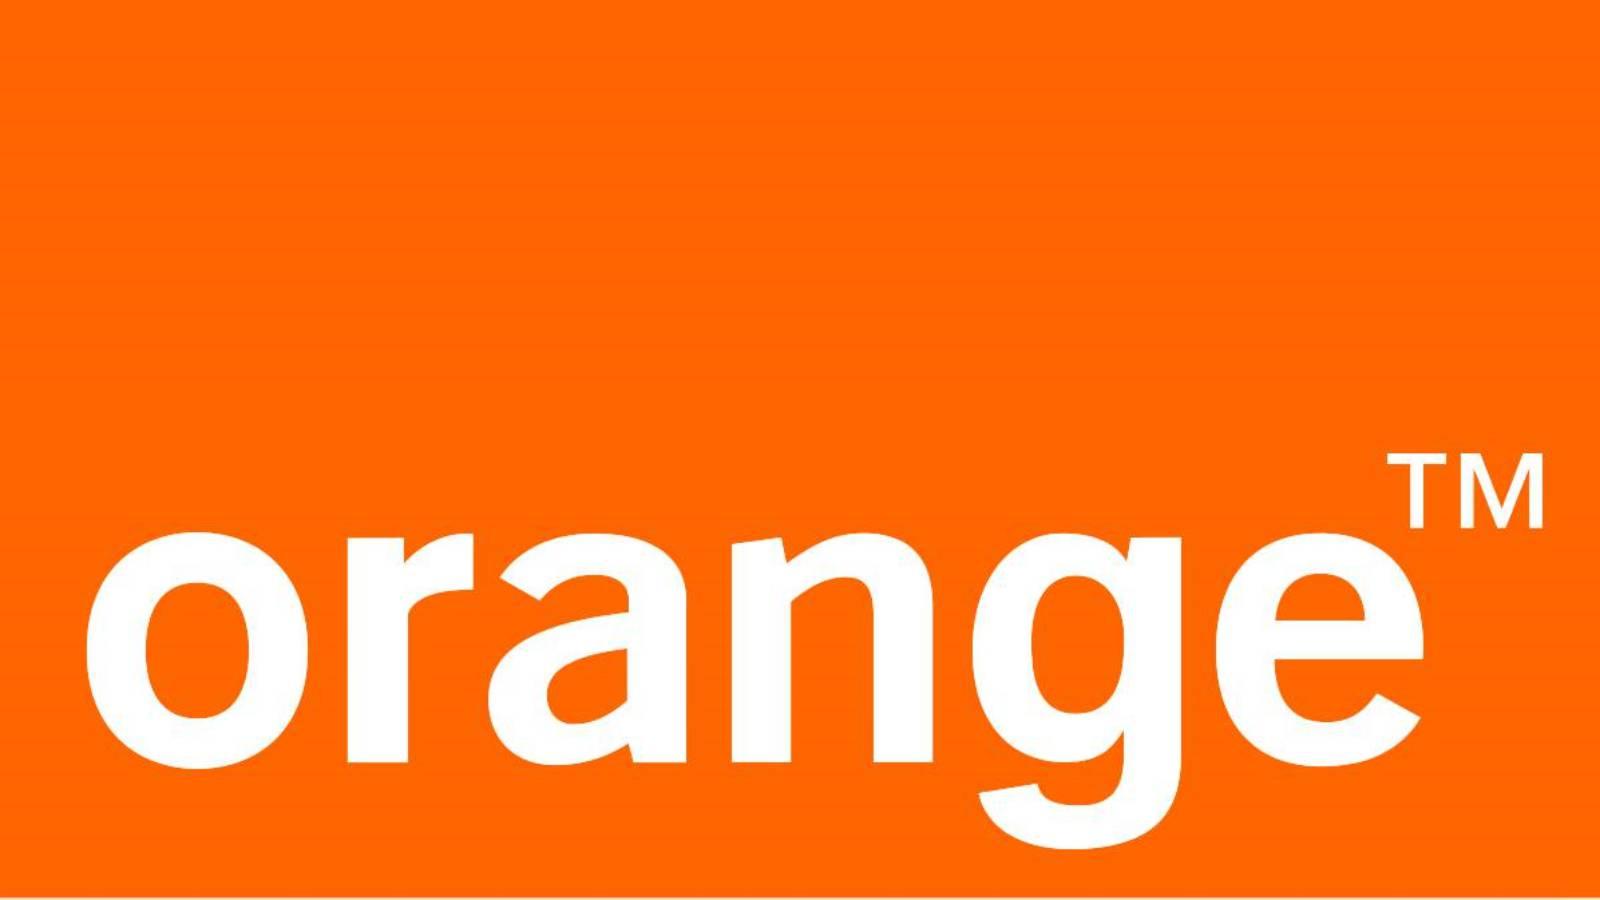 Orange formula